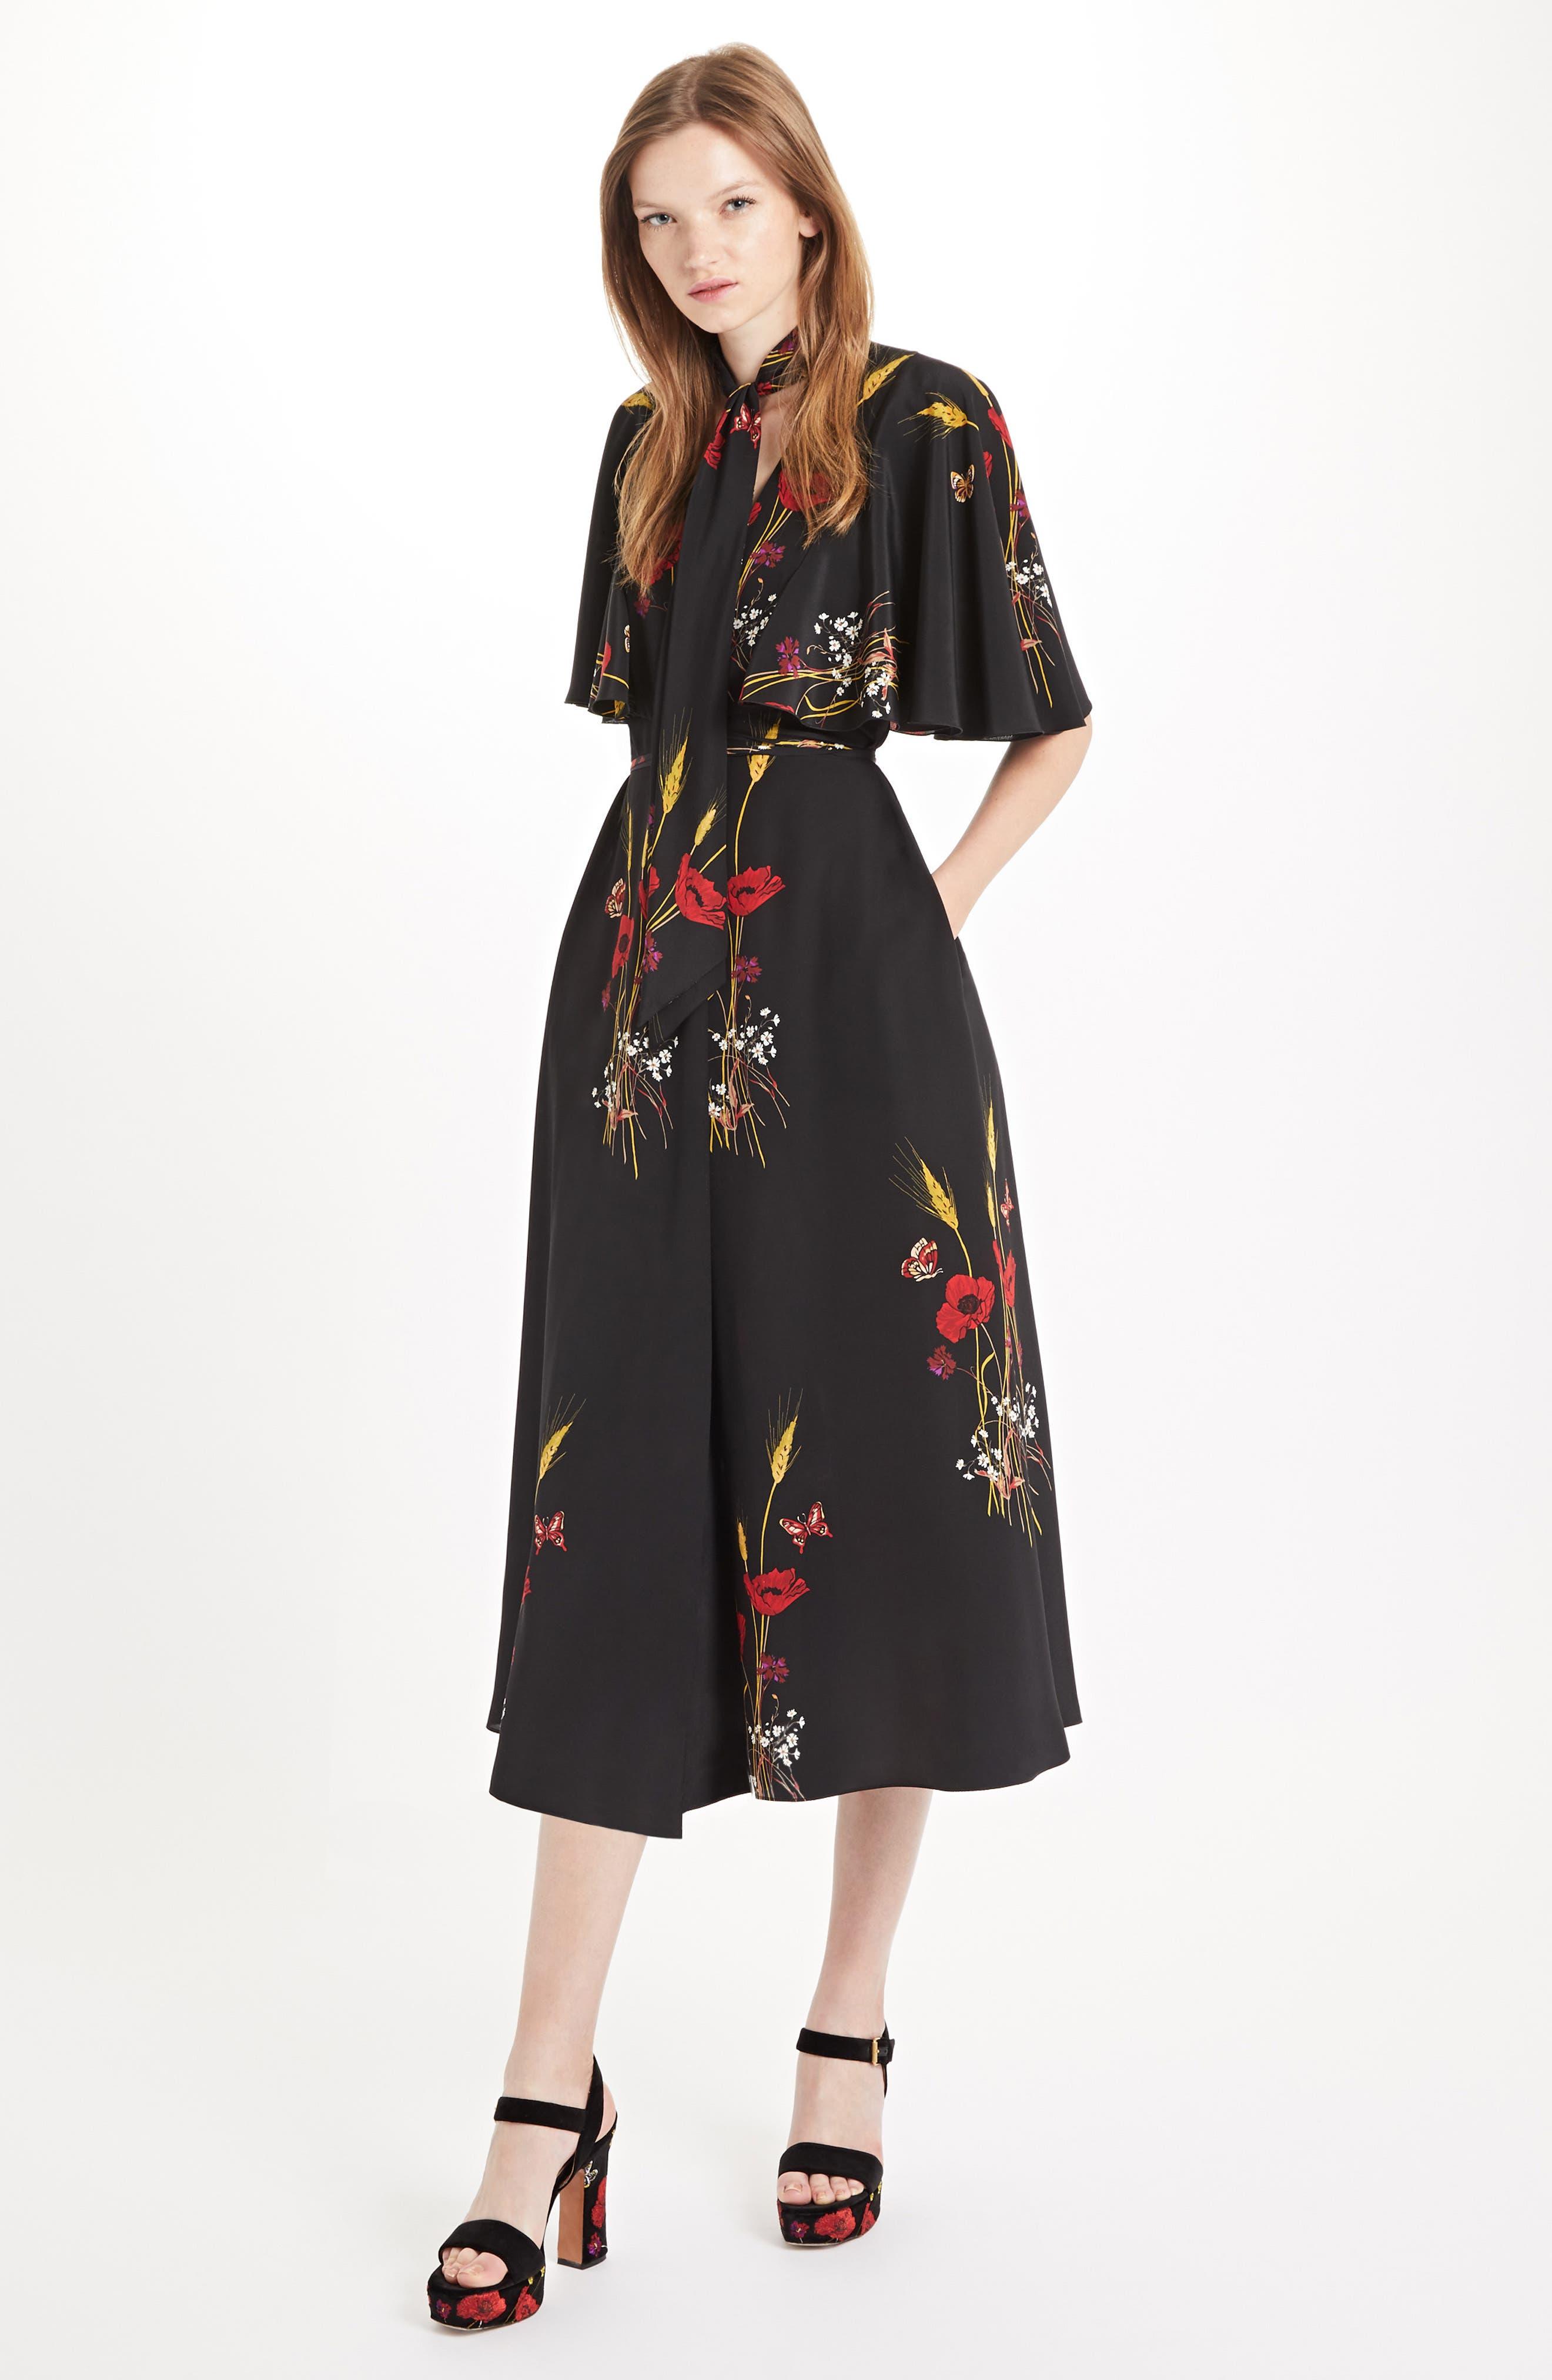 Floral Meadow Print Crêpe de Chine Faux Wrap Dress,                             Alternate thumbnail 6, color,                             BLACK/ MULTI COLOR